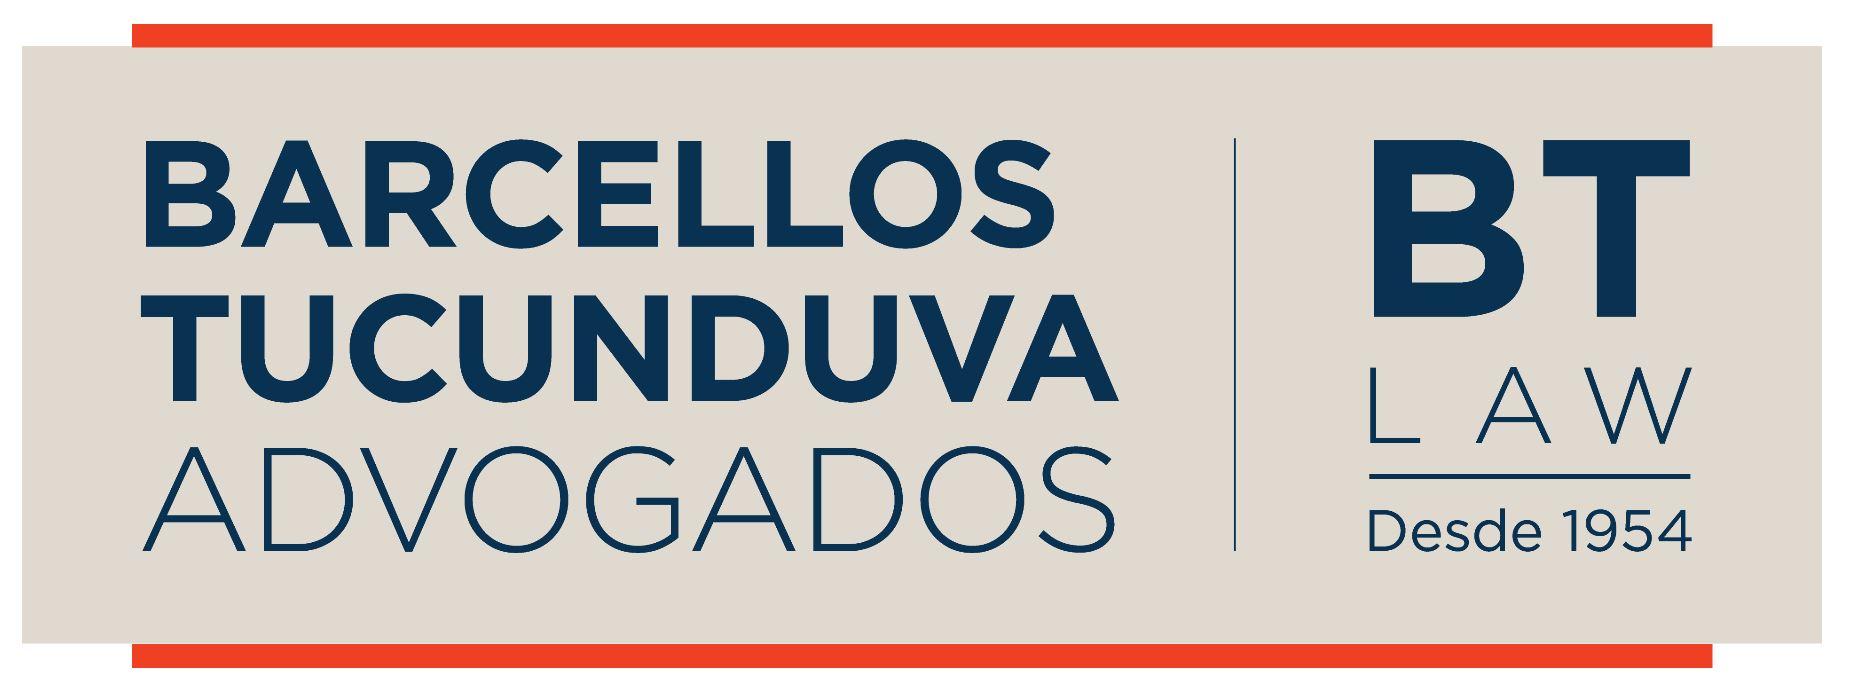 Barcellos Tucunduva Advogados logo